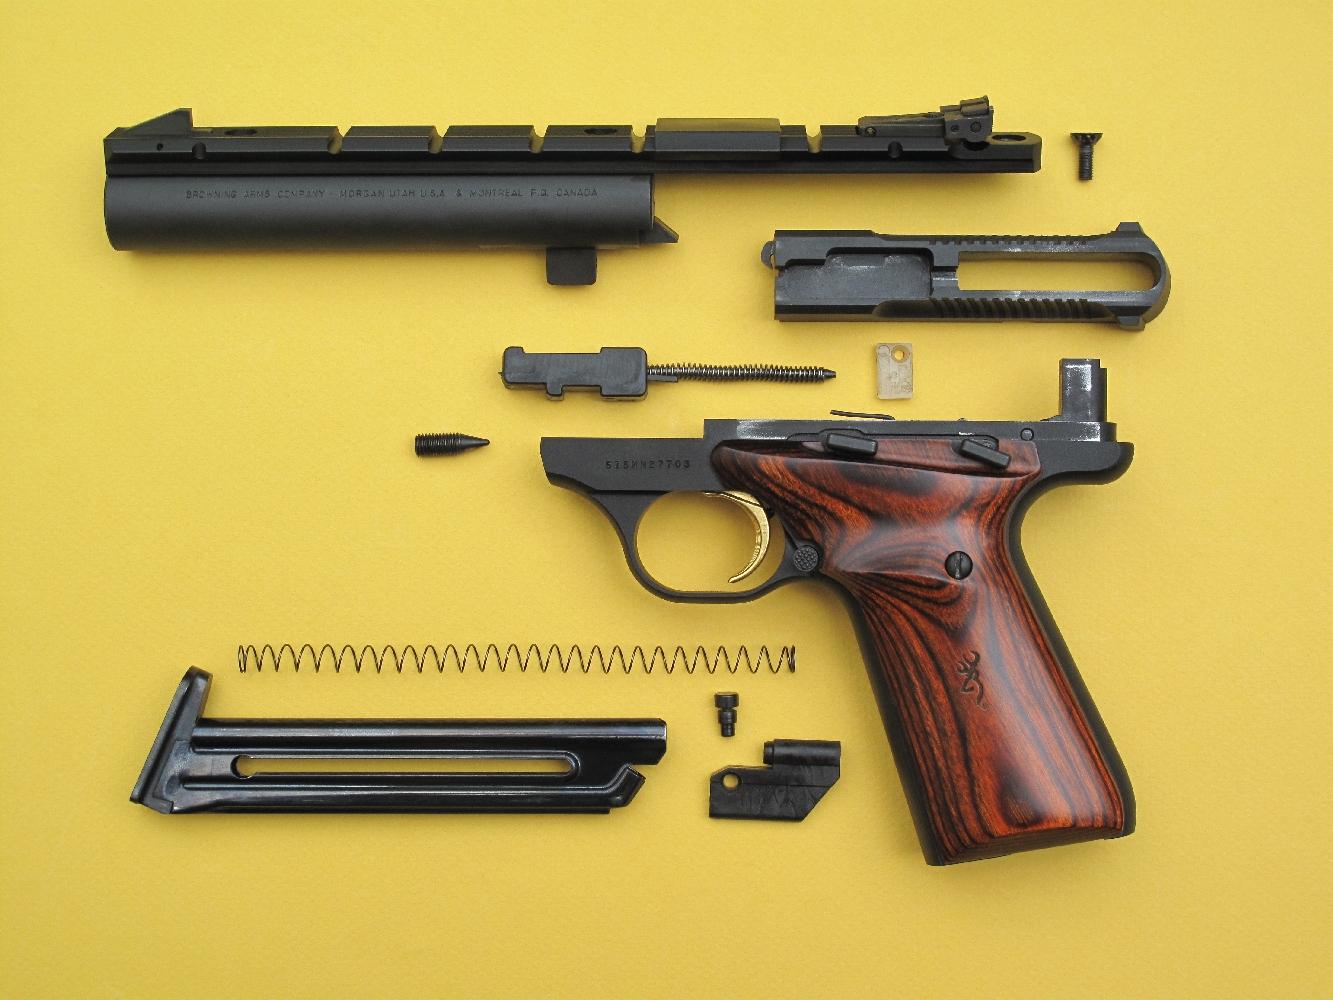 Le démontage sommaire de l'arme, pour effectuer le nettoyage après le tir, nécessite l'utilisation de deux clefs hexagonales : une de 7/64 pouce (2,78 mm) pour dégager le tenon de fixation du canon et une de 3/32 pouce (2,38 mm) pour libérer la partie arrière du rail. Ces clefs, qui n'ont pas d'équivalent en système métrique, sont fournies avec l'arme.